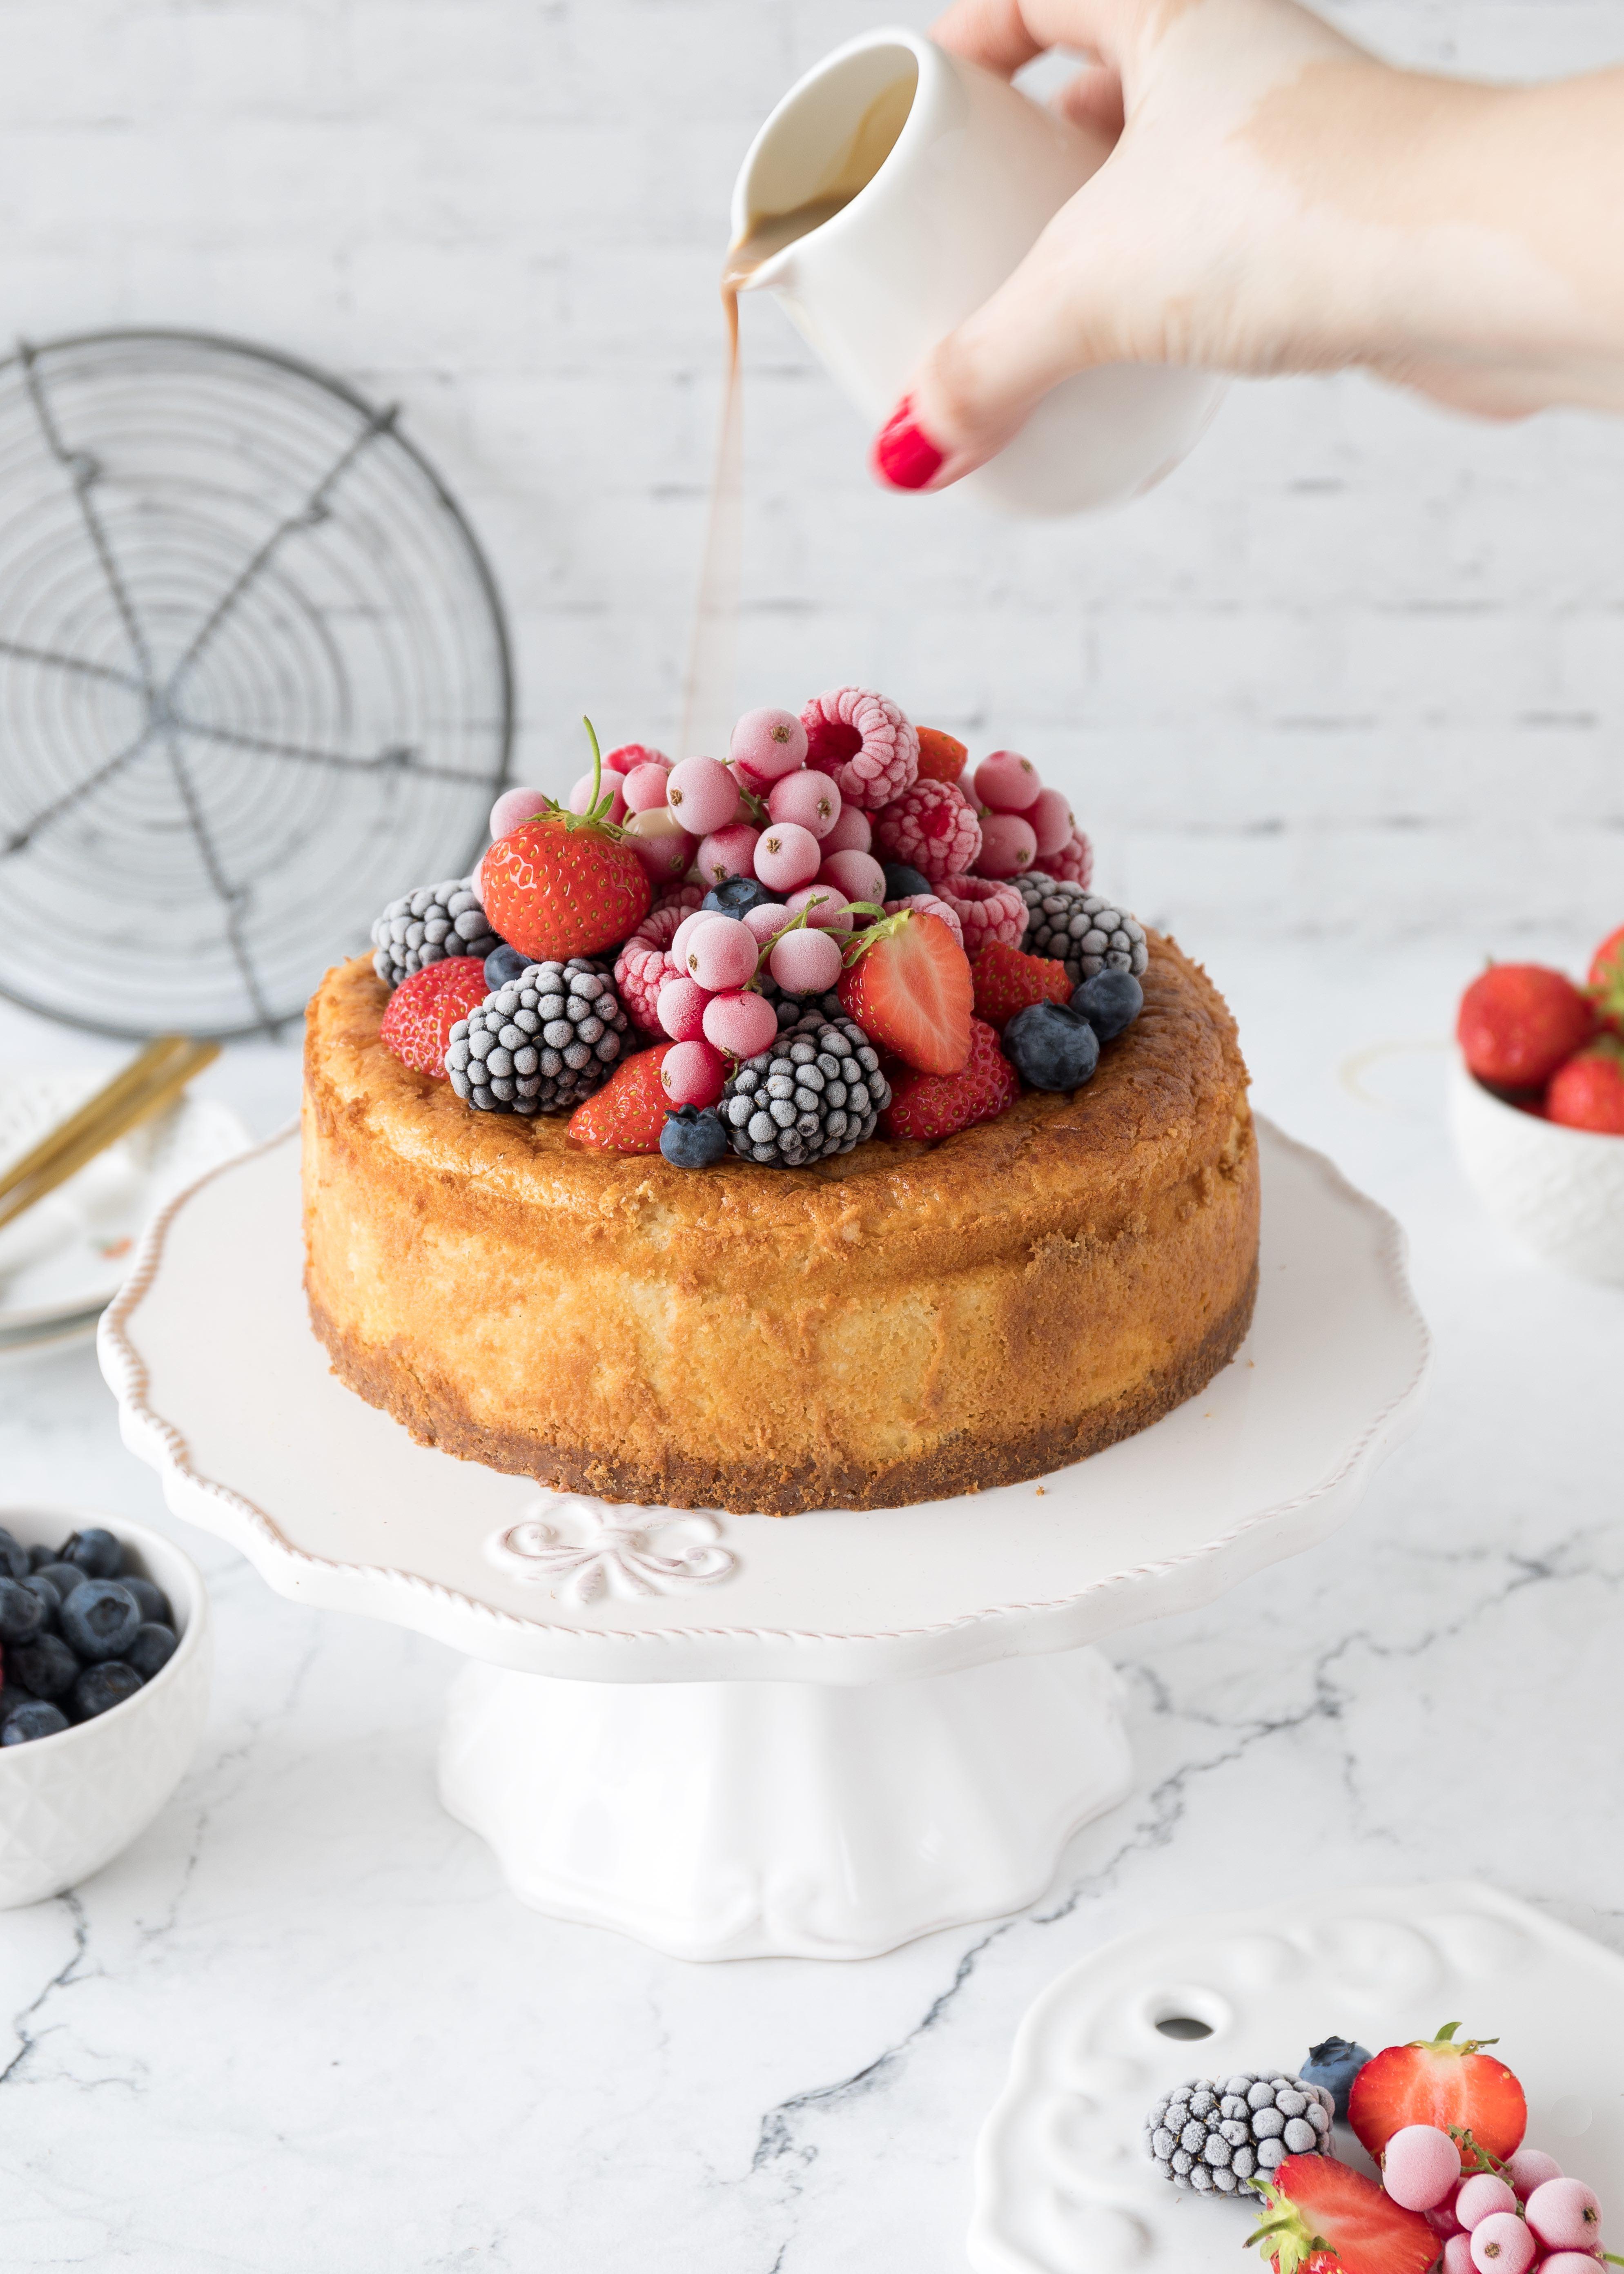 Cheesecake Rezept mit Beeren und Irish Cream Liqueur backen Käsekuchen Sommerkuchen Kuchen einfach lecker #cheesecake #irishcreamliqueur #berries | Emma´s Lieblingsstücke